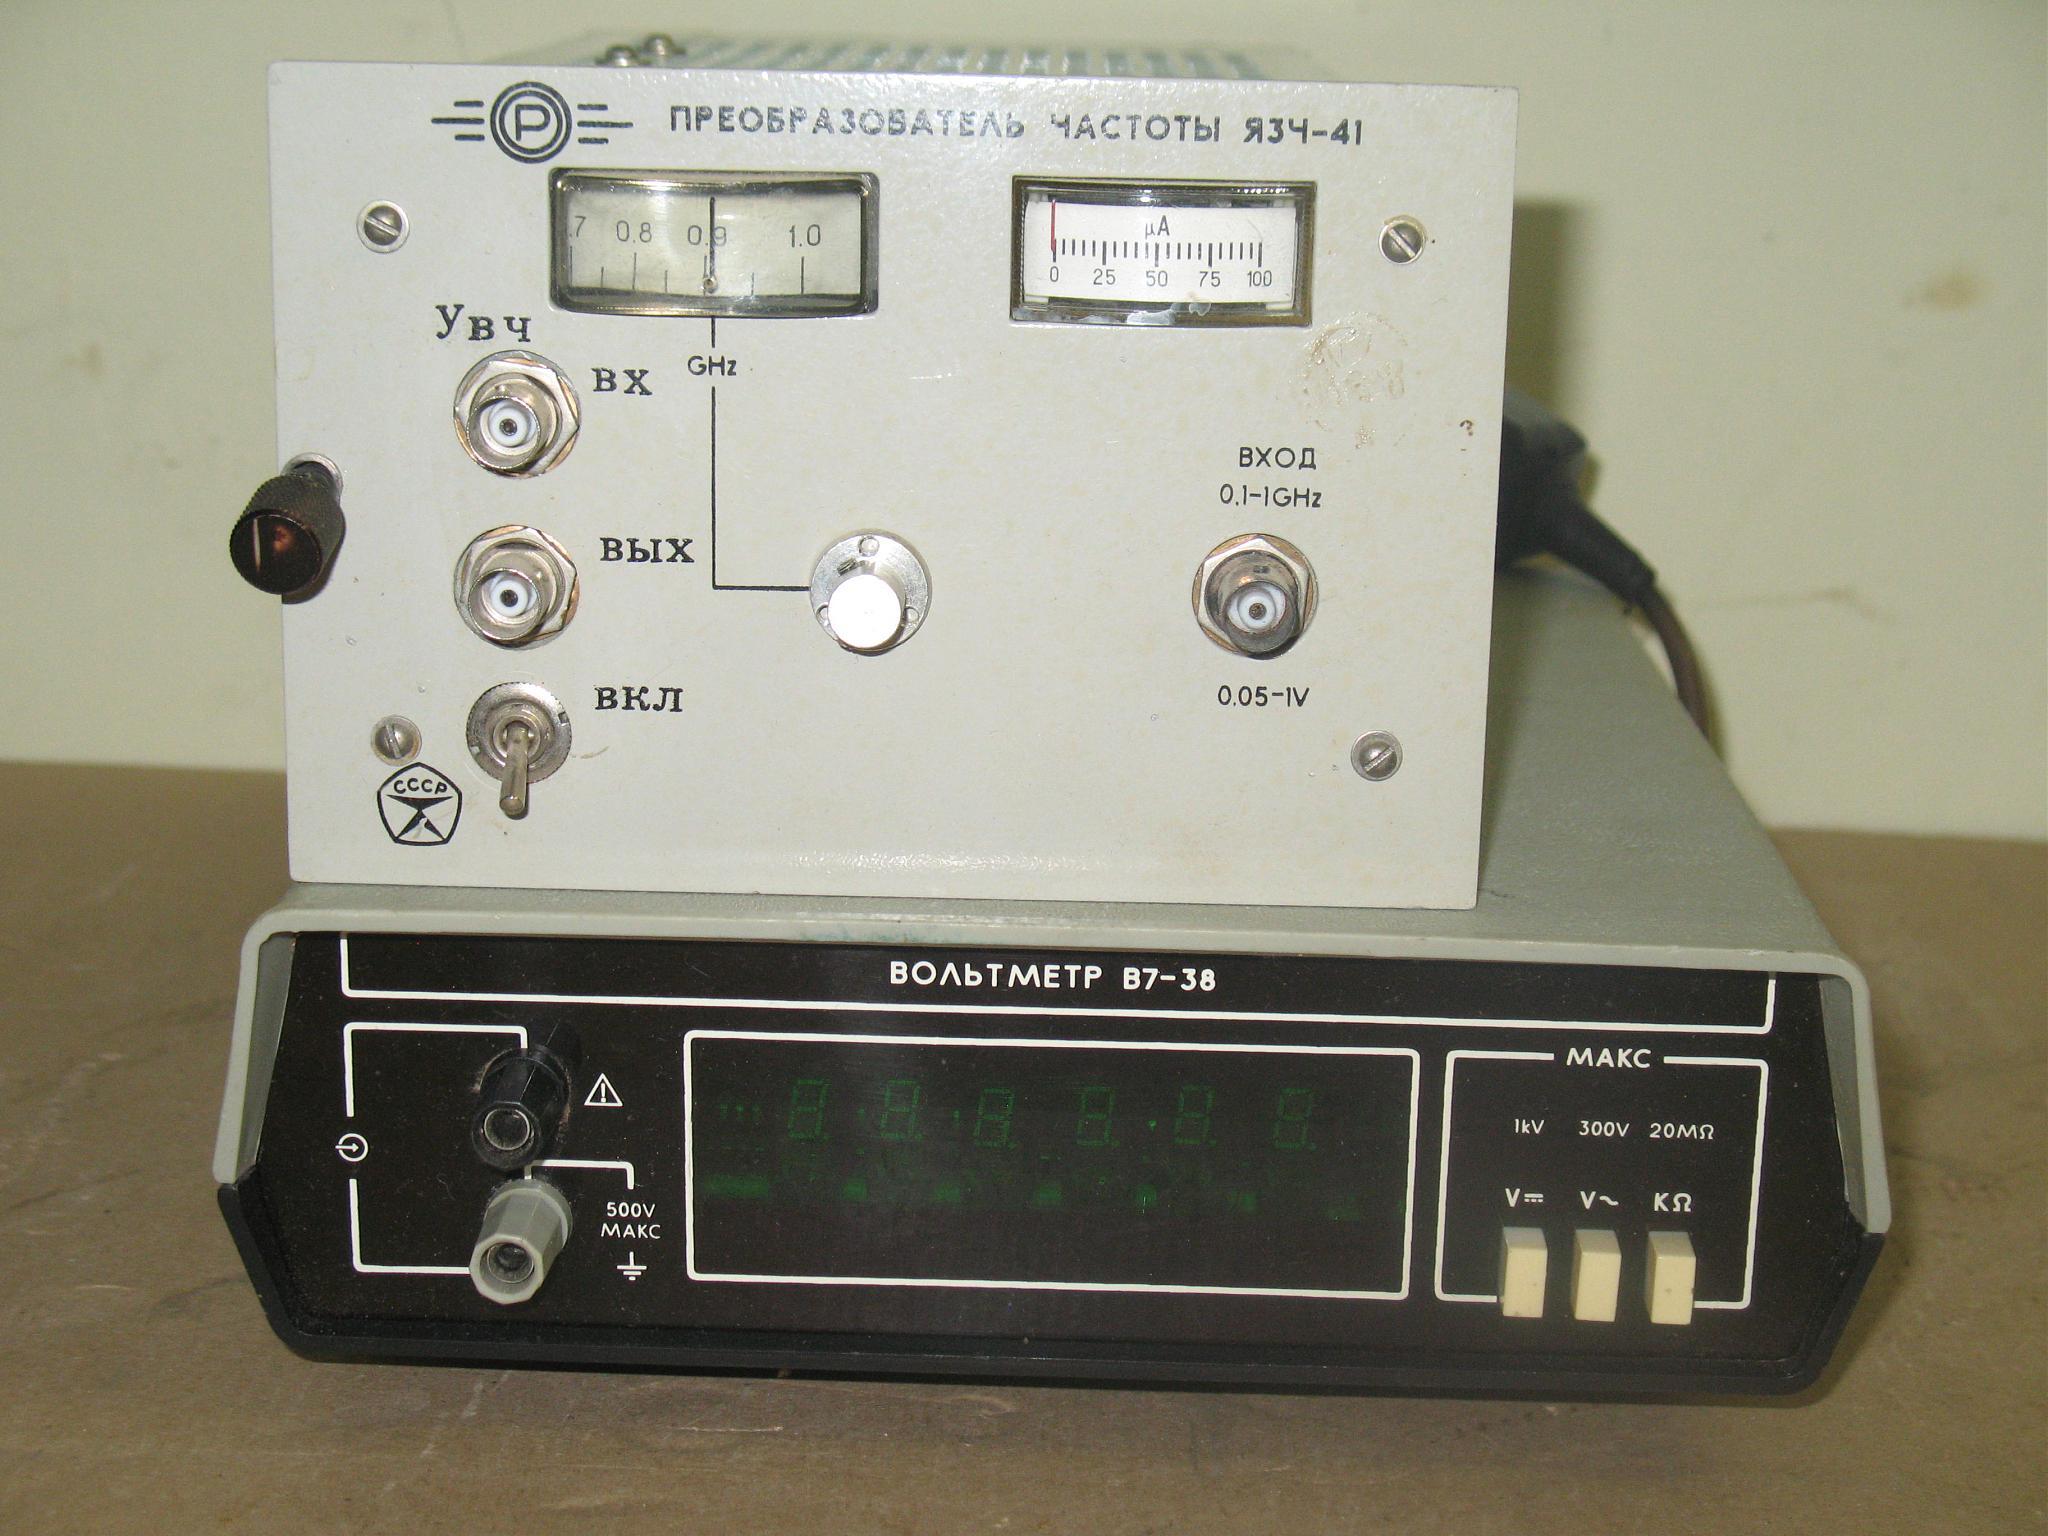 вольтметр в7-38 схема